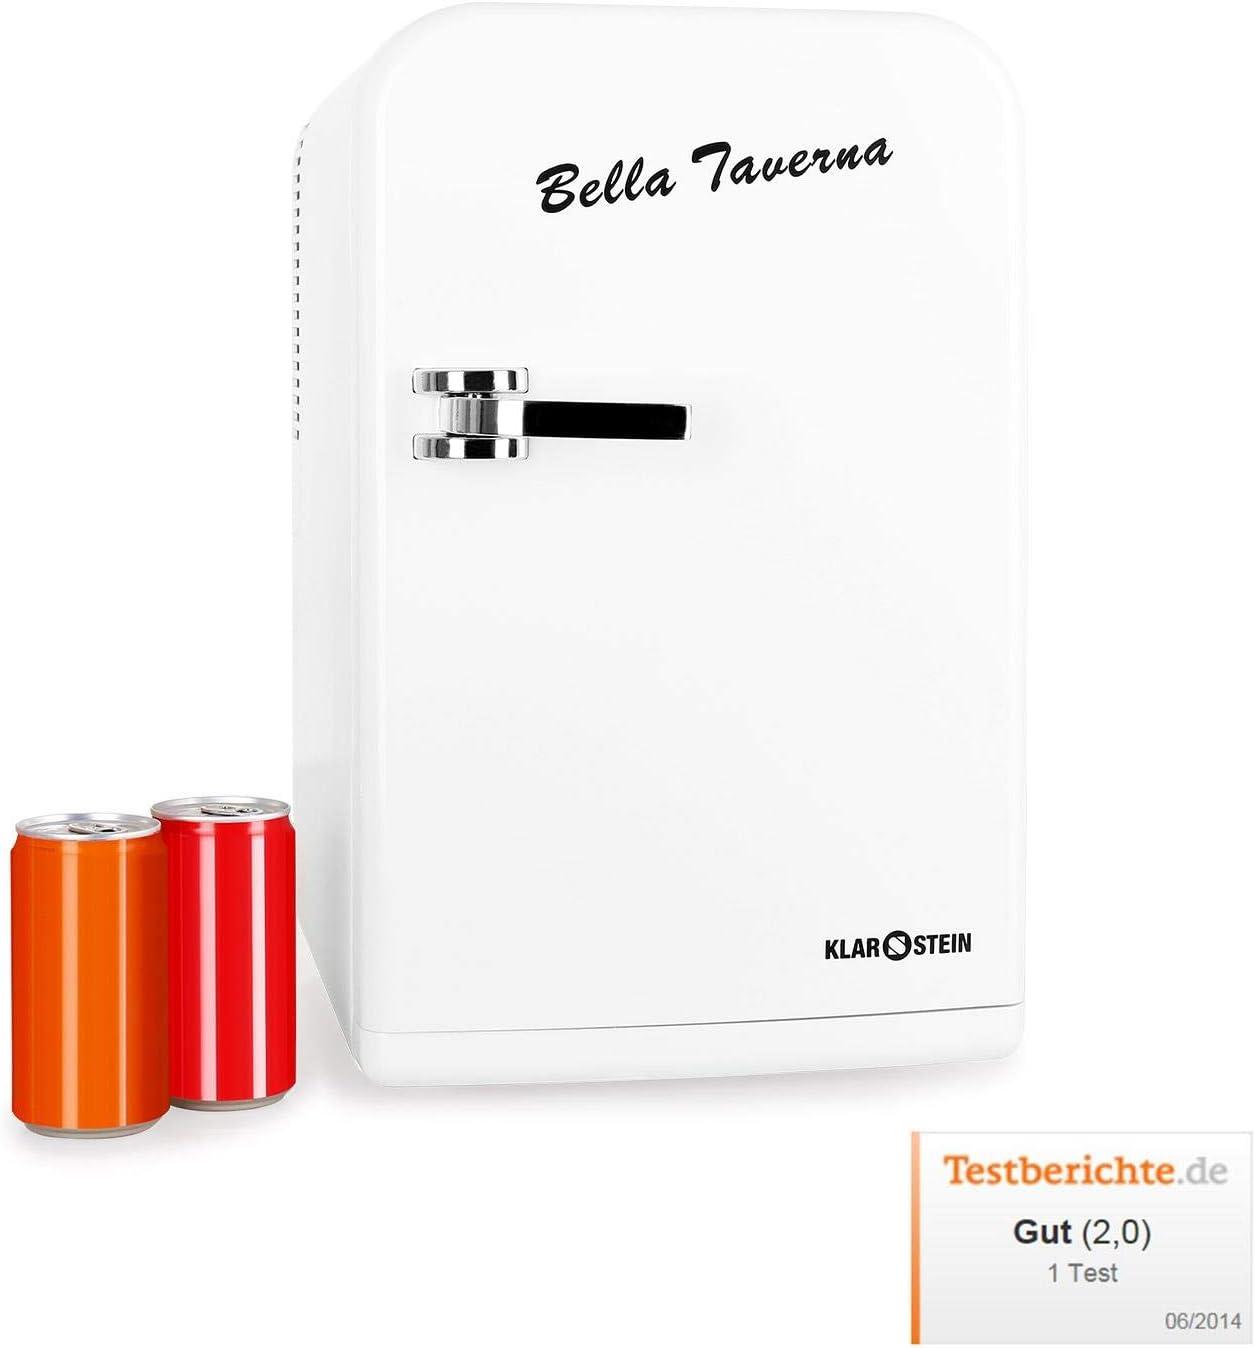 Klarstein Bella Taverna - Mini nevera, 15L, Peso ligero, asa extensible y base, Múltiples usos, 1 estante extraíble, 2 compartimentos en la puerta, Ruido mínimo, Ventilador integrado, Blanco